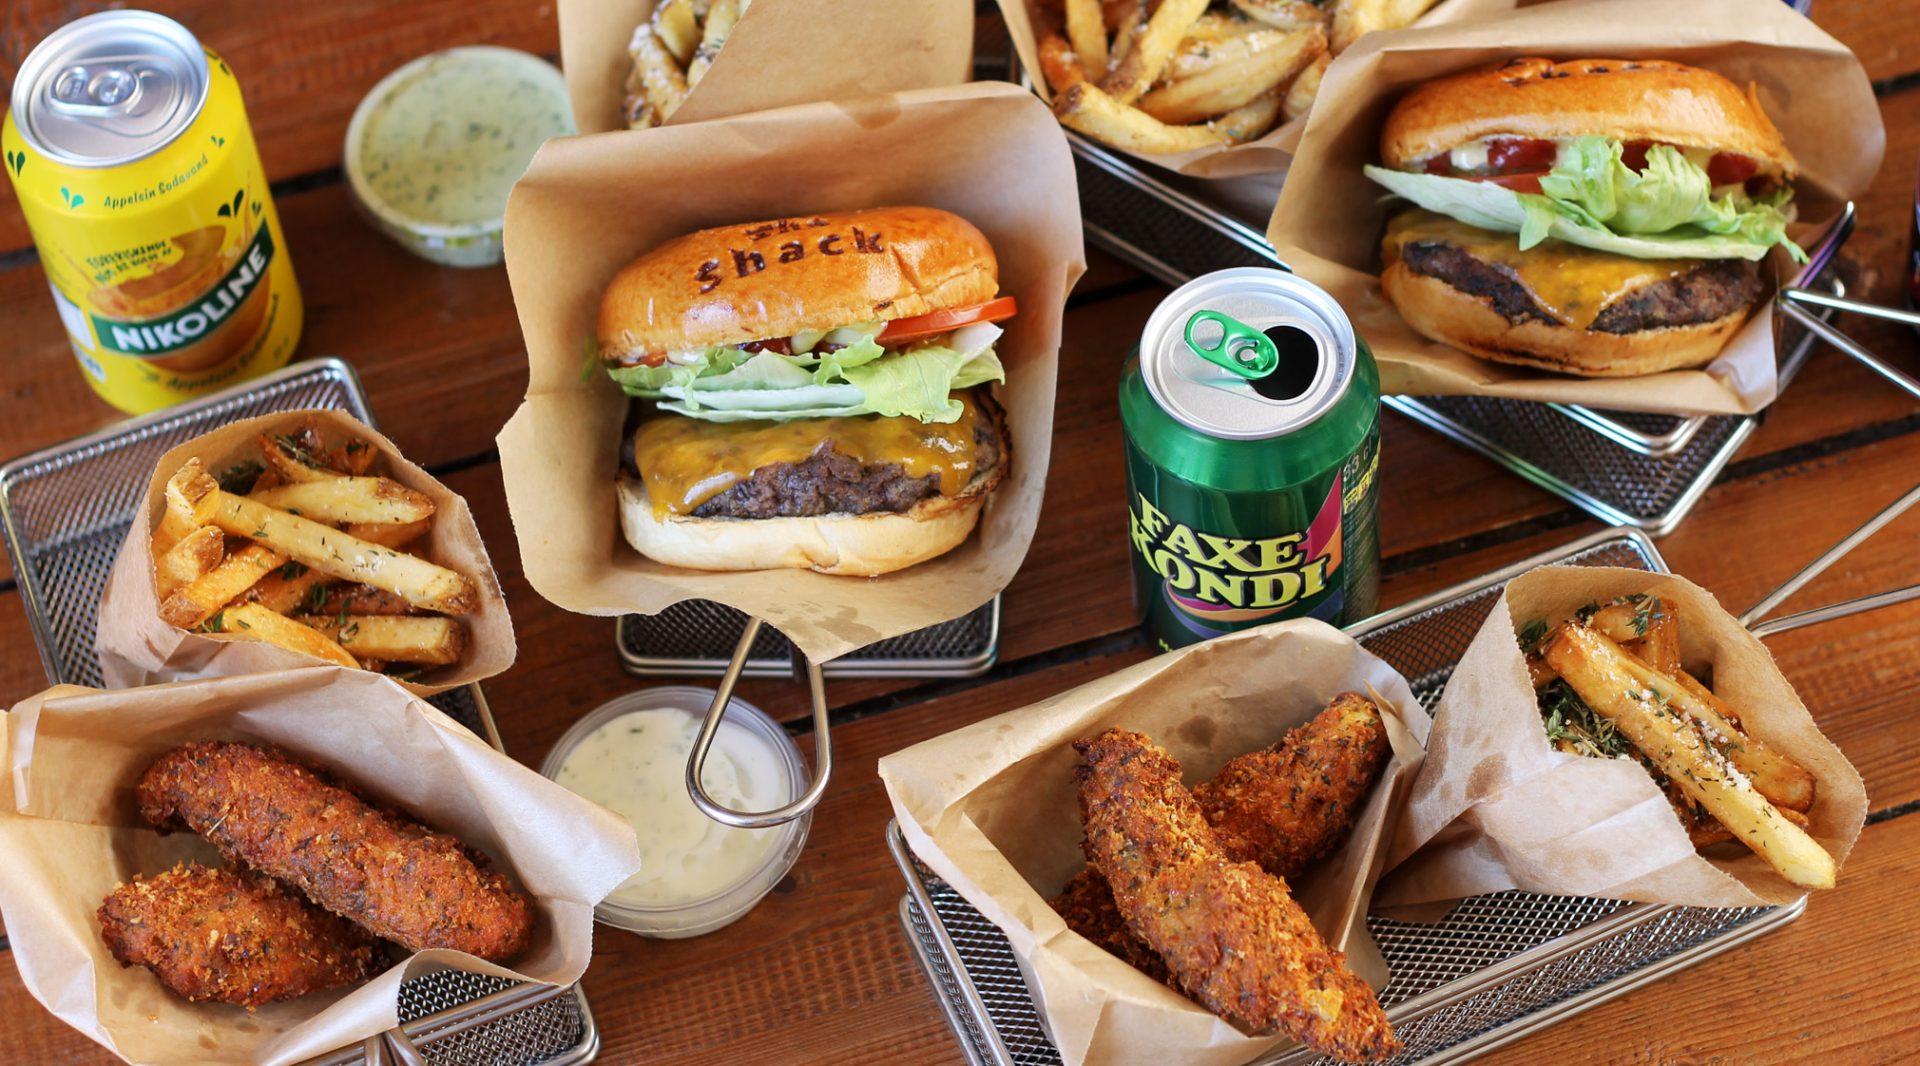 Burger Shack fejrer 4-års fødselsdag: En menu koster kun 50 kroner